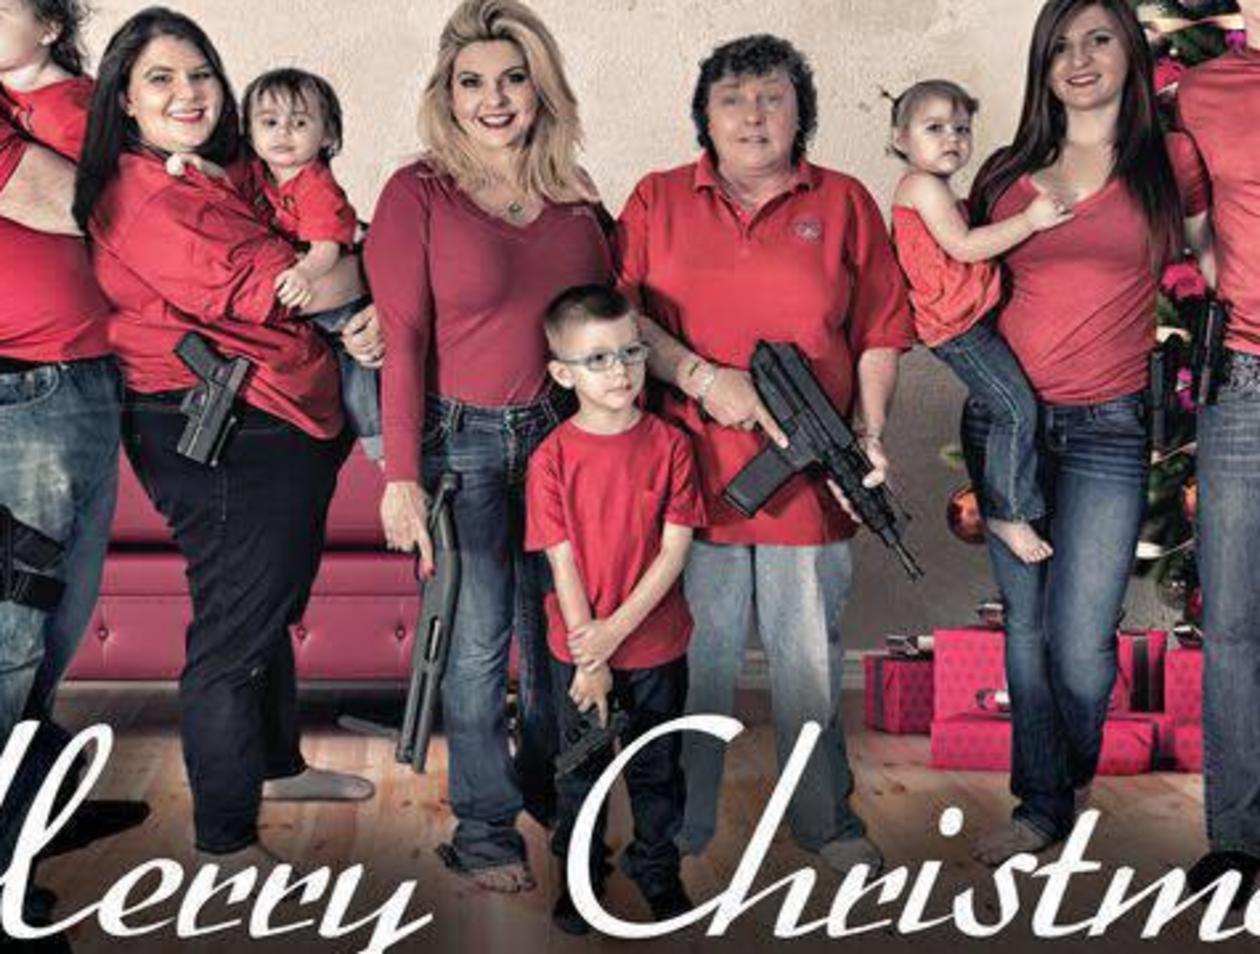 Amerikanische Weihnachtskarten.Amerikanische Familie Mit Waffen Auf Weihnachtskarte Welt